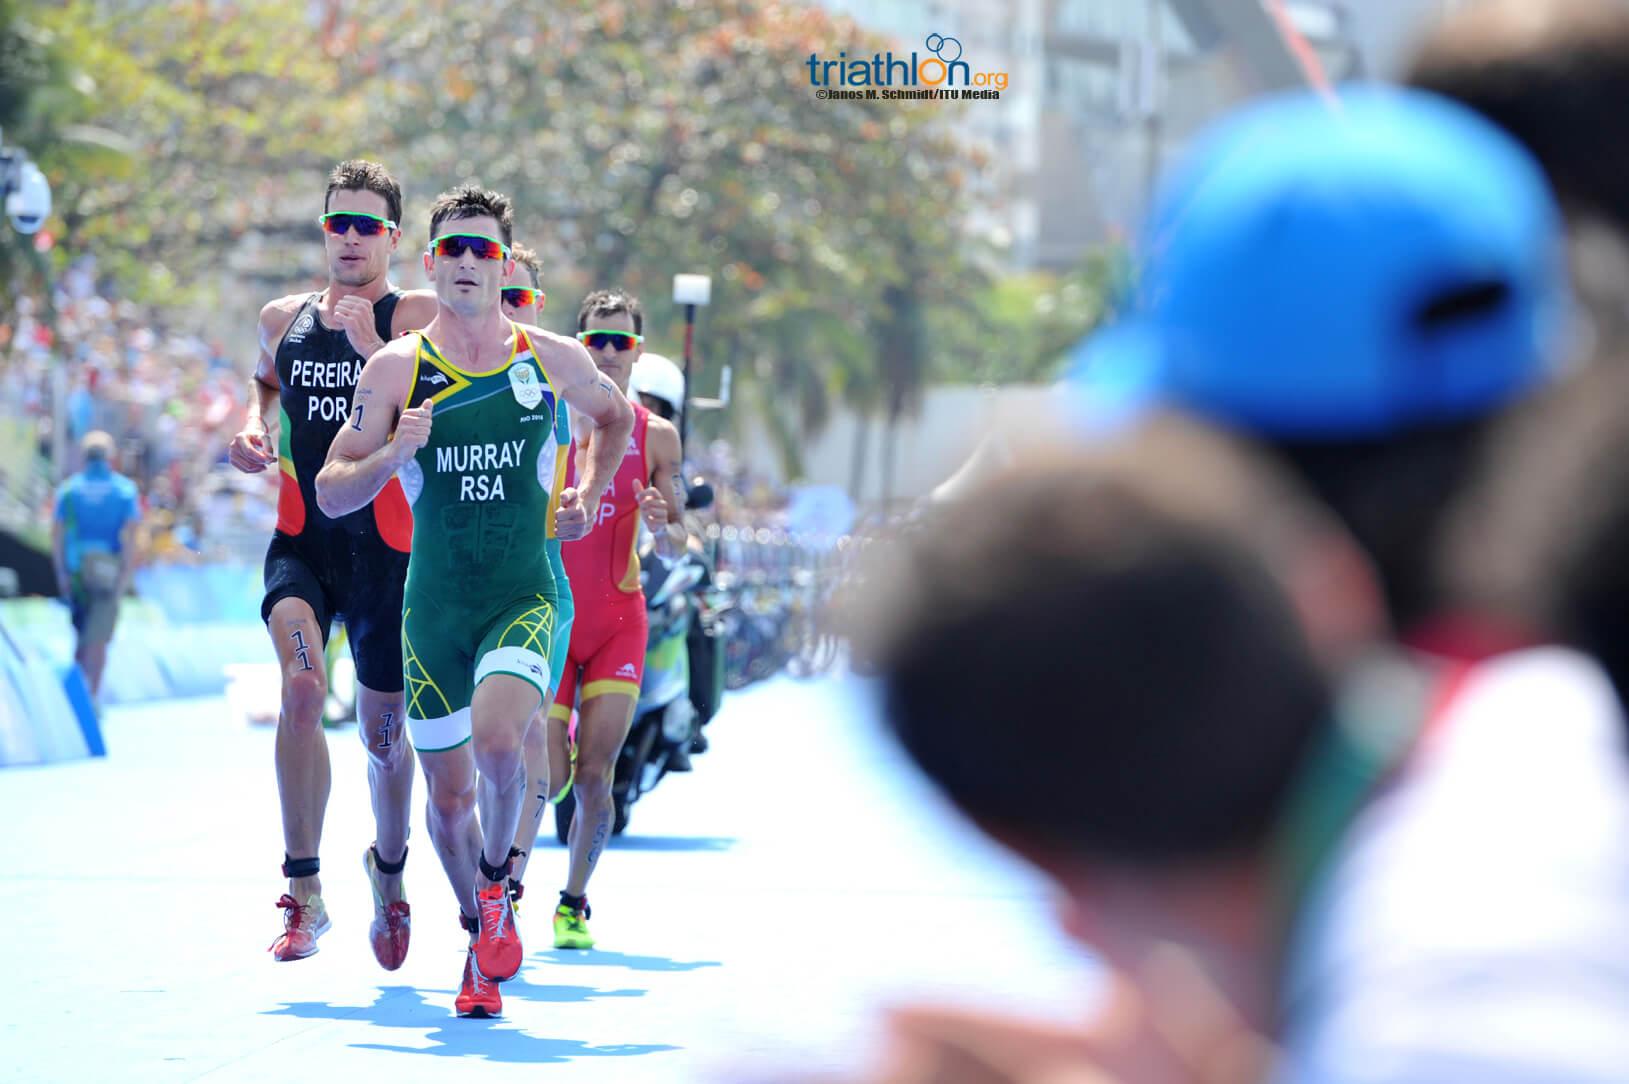 Richard Murray running in Rio